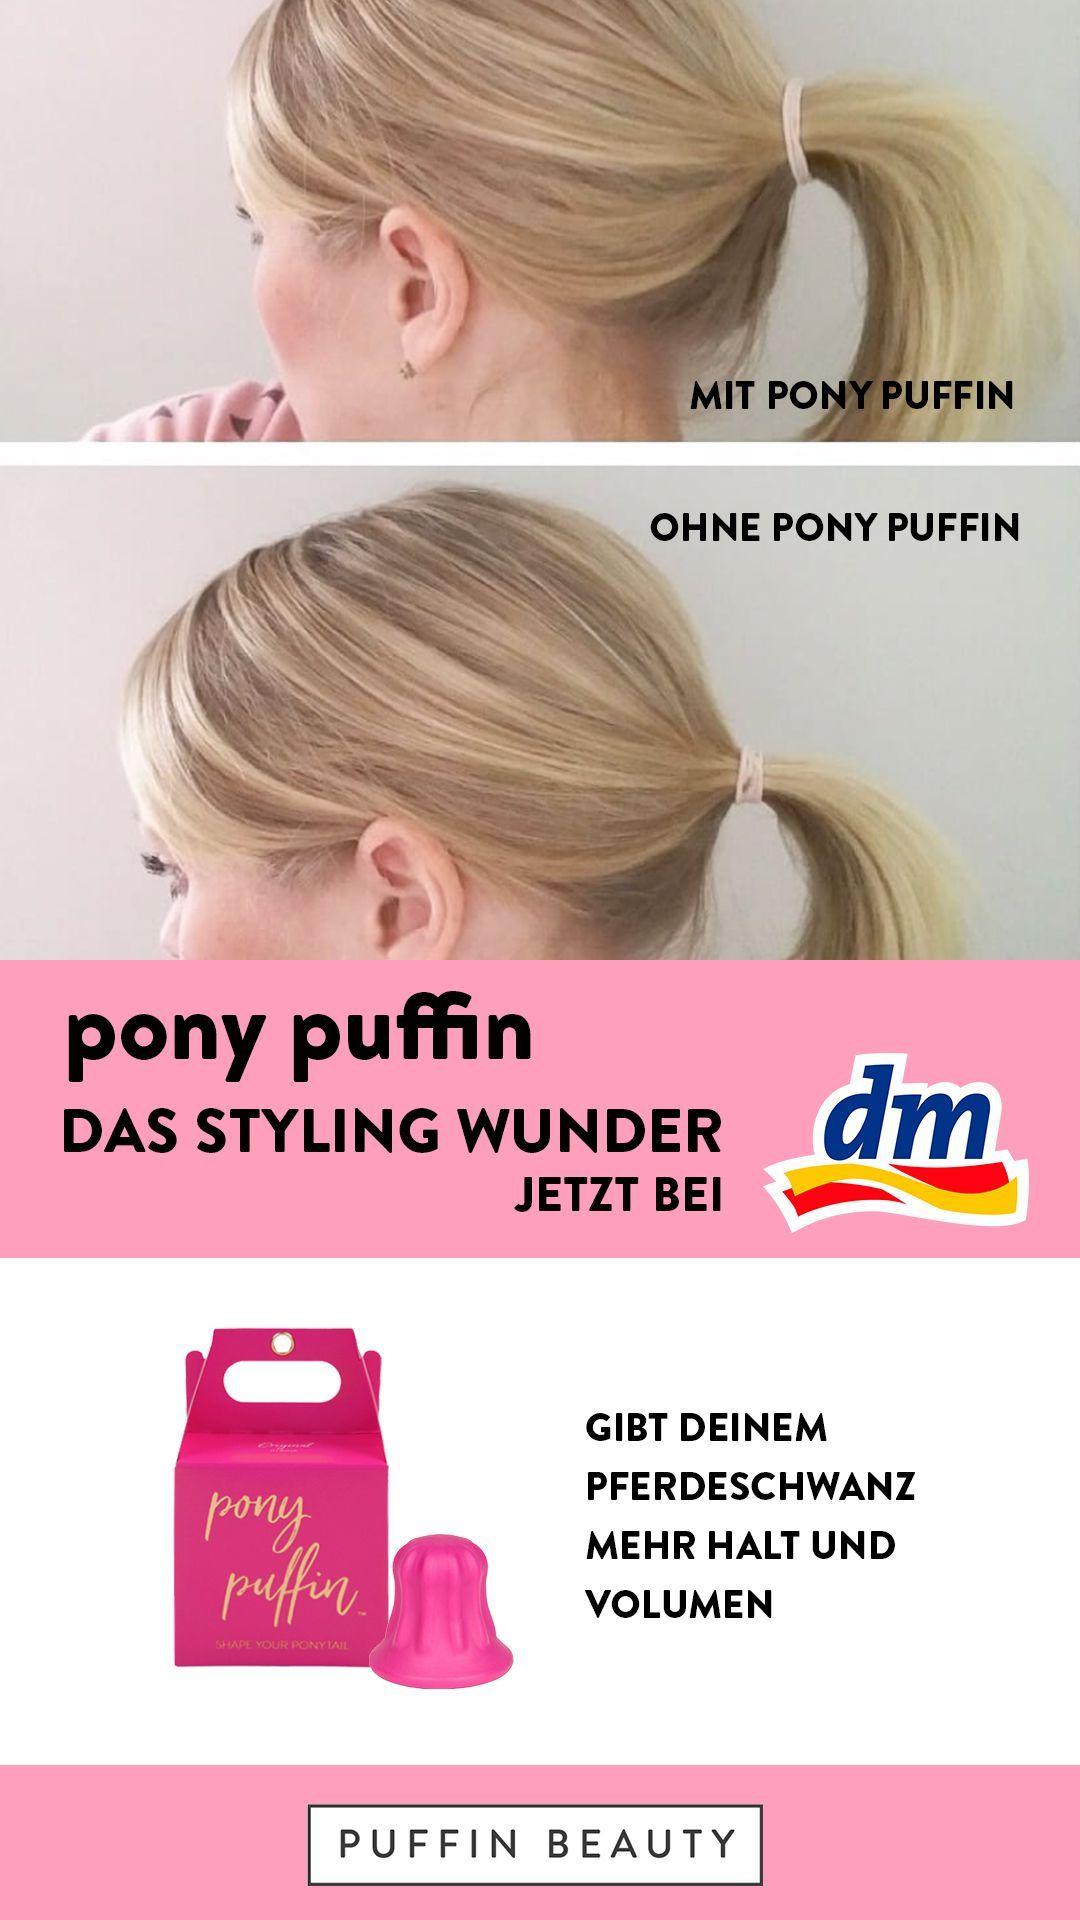 Pony Puffin Crystal Transparent 1 St Entdecke Die U00e4lteste Frisur Der Welt Neu Den Pferdeschwanz Pony Puffin Cr Old Hairstyles Hairstyle Pony Hairstyles